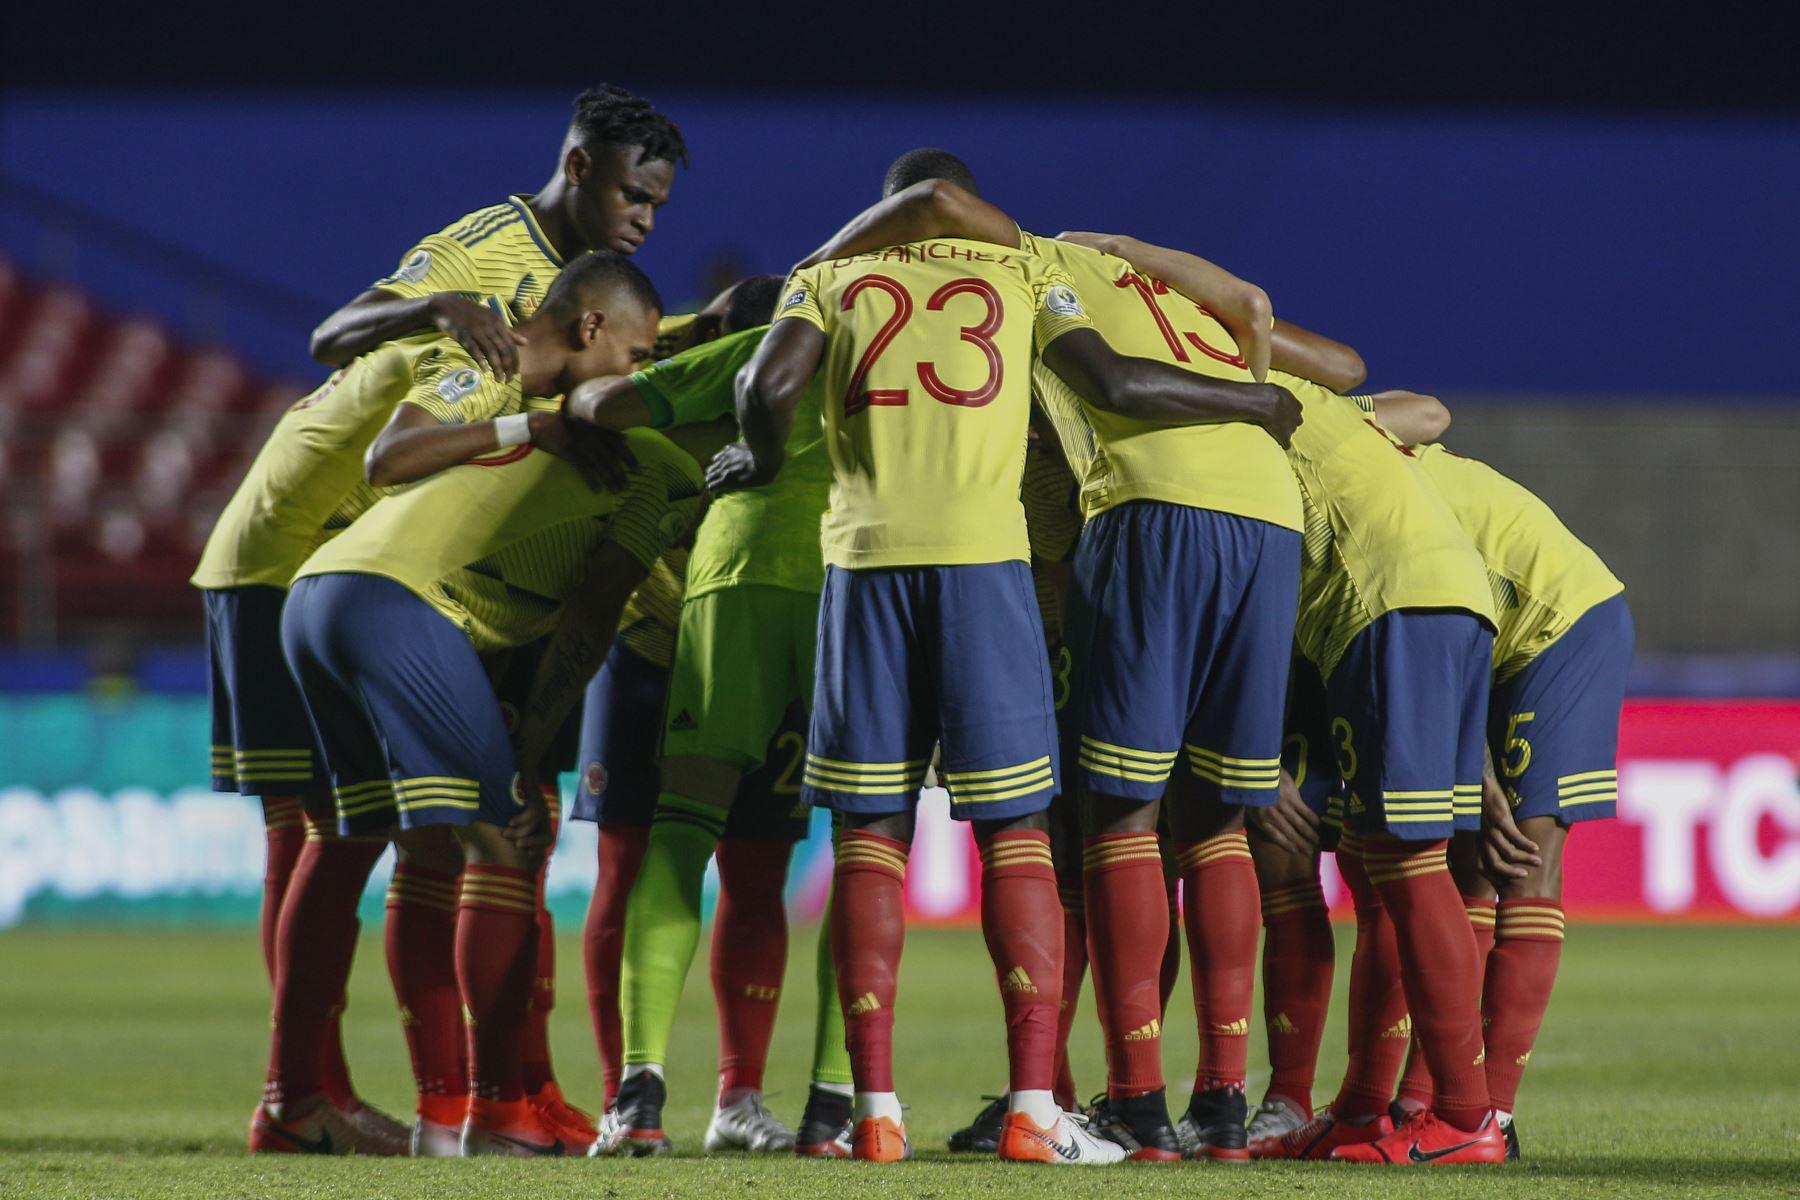 Los jugadores de Colombia se reúnen antes del inicio de su partido de torneo de fútbol de la Copa América contra Qatar en el estadio Cicero Pompeu de Toledo  en Sao Paulo, Brasil. Foto: AFP